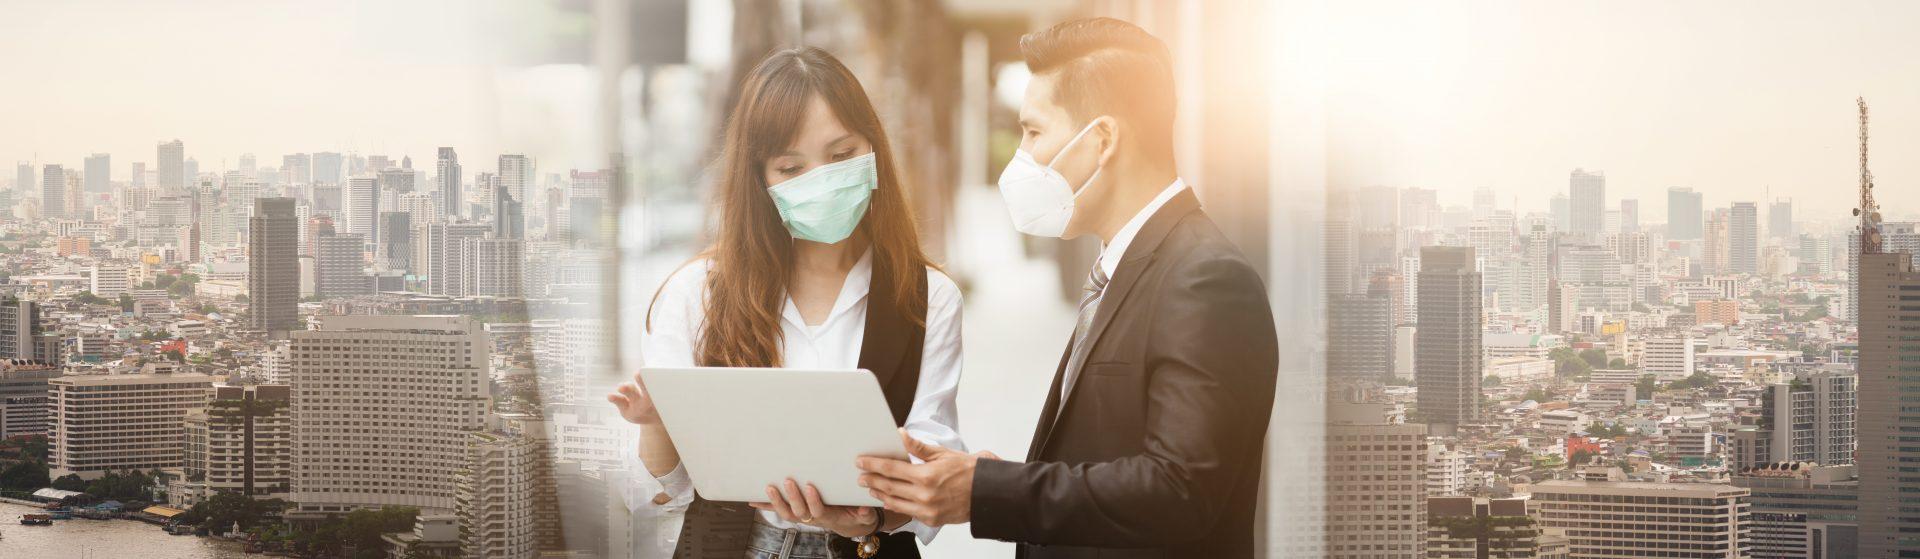 Zwei Menschen mit Atemschutzmaske vor Stadthintergrund